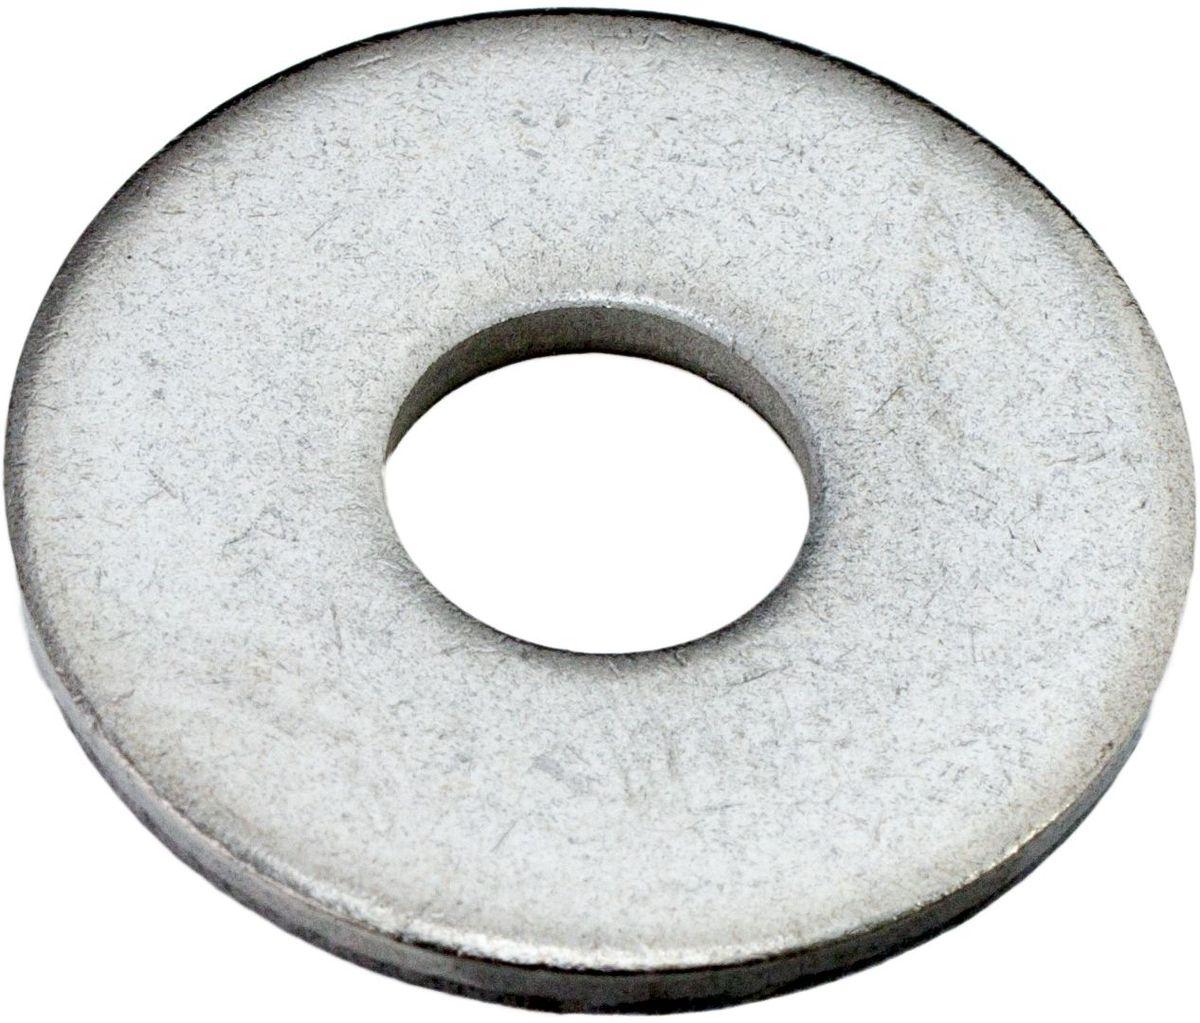 Шайба Стройбат, оцинкованная, кузовная, DIN 9021, 18 мм увеличенная шайба качественный крепеж плоская din 9021 м10 80 шт 0300967 кч